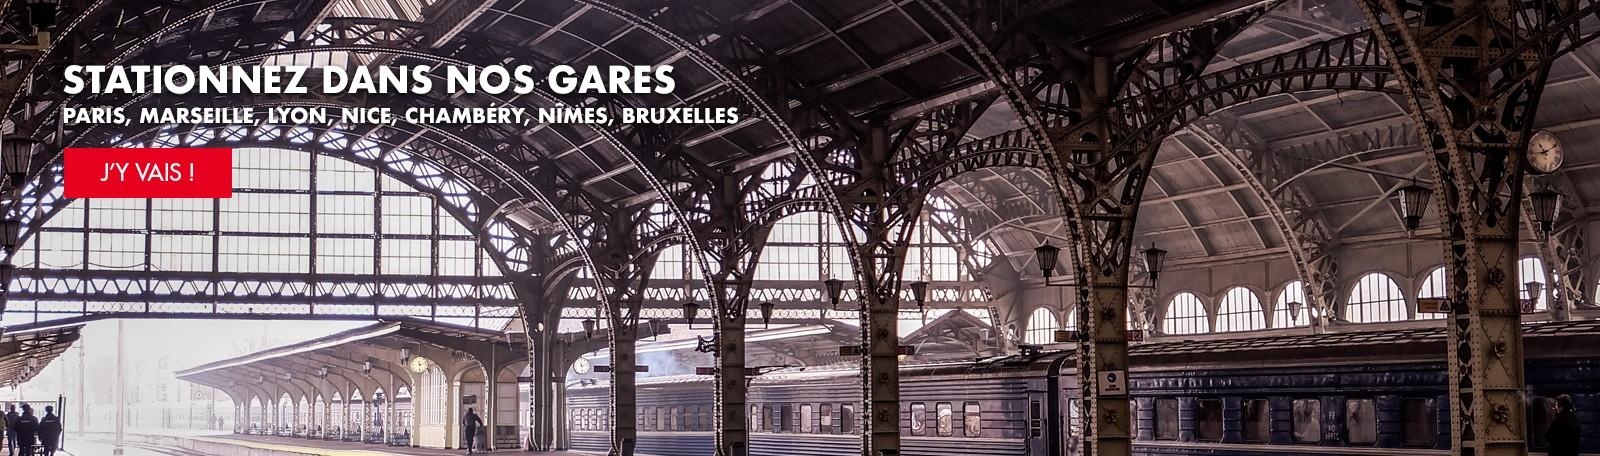 Stationnez dans nos gares : Paris, Marseille, Lyon, Chambéry, Nîmes, Bruxelles